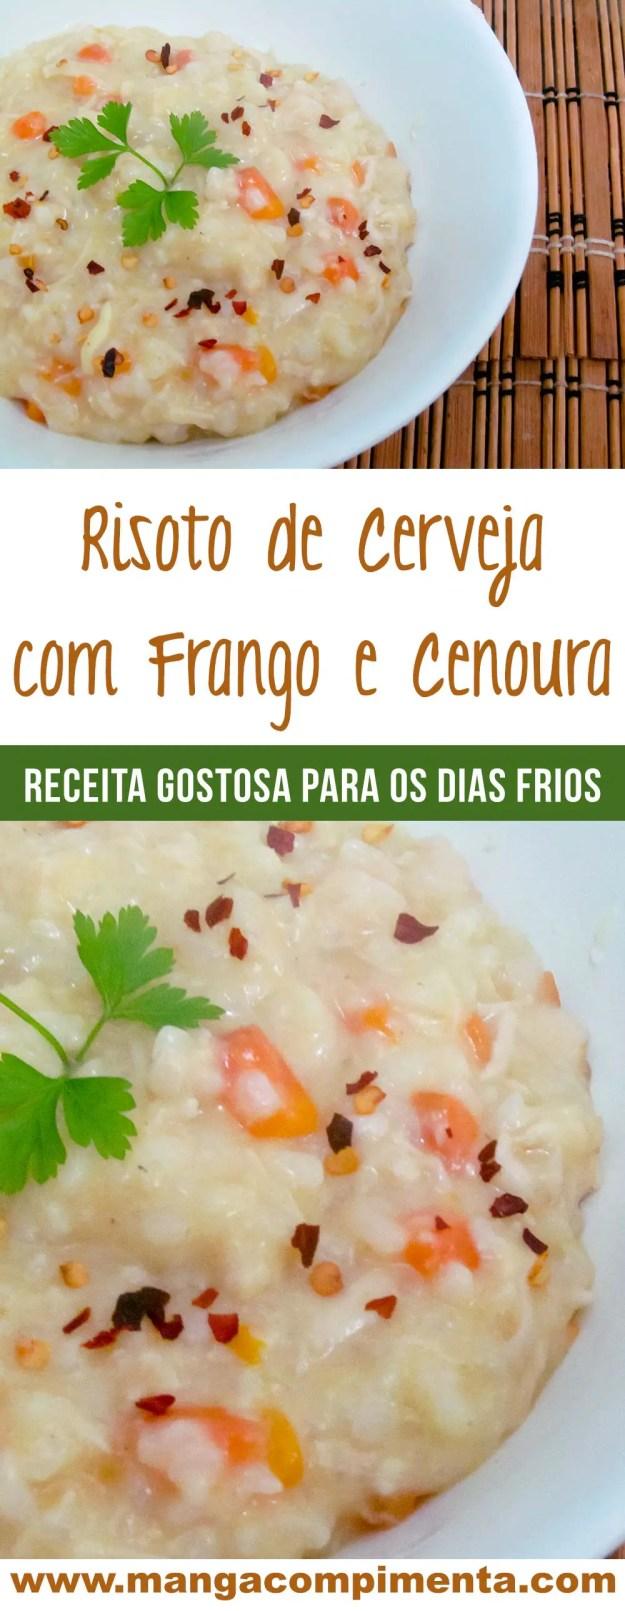 Risoto de Cerveja com Frango e Cenoura - um prato delicioso para fazer nos dias frios!